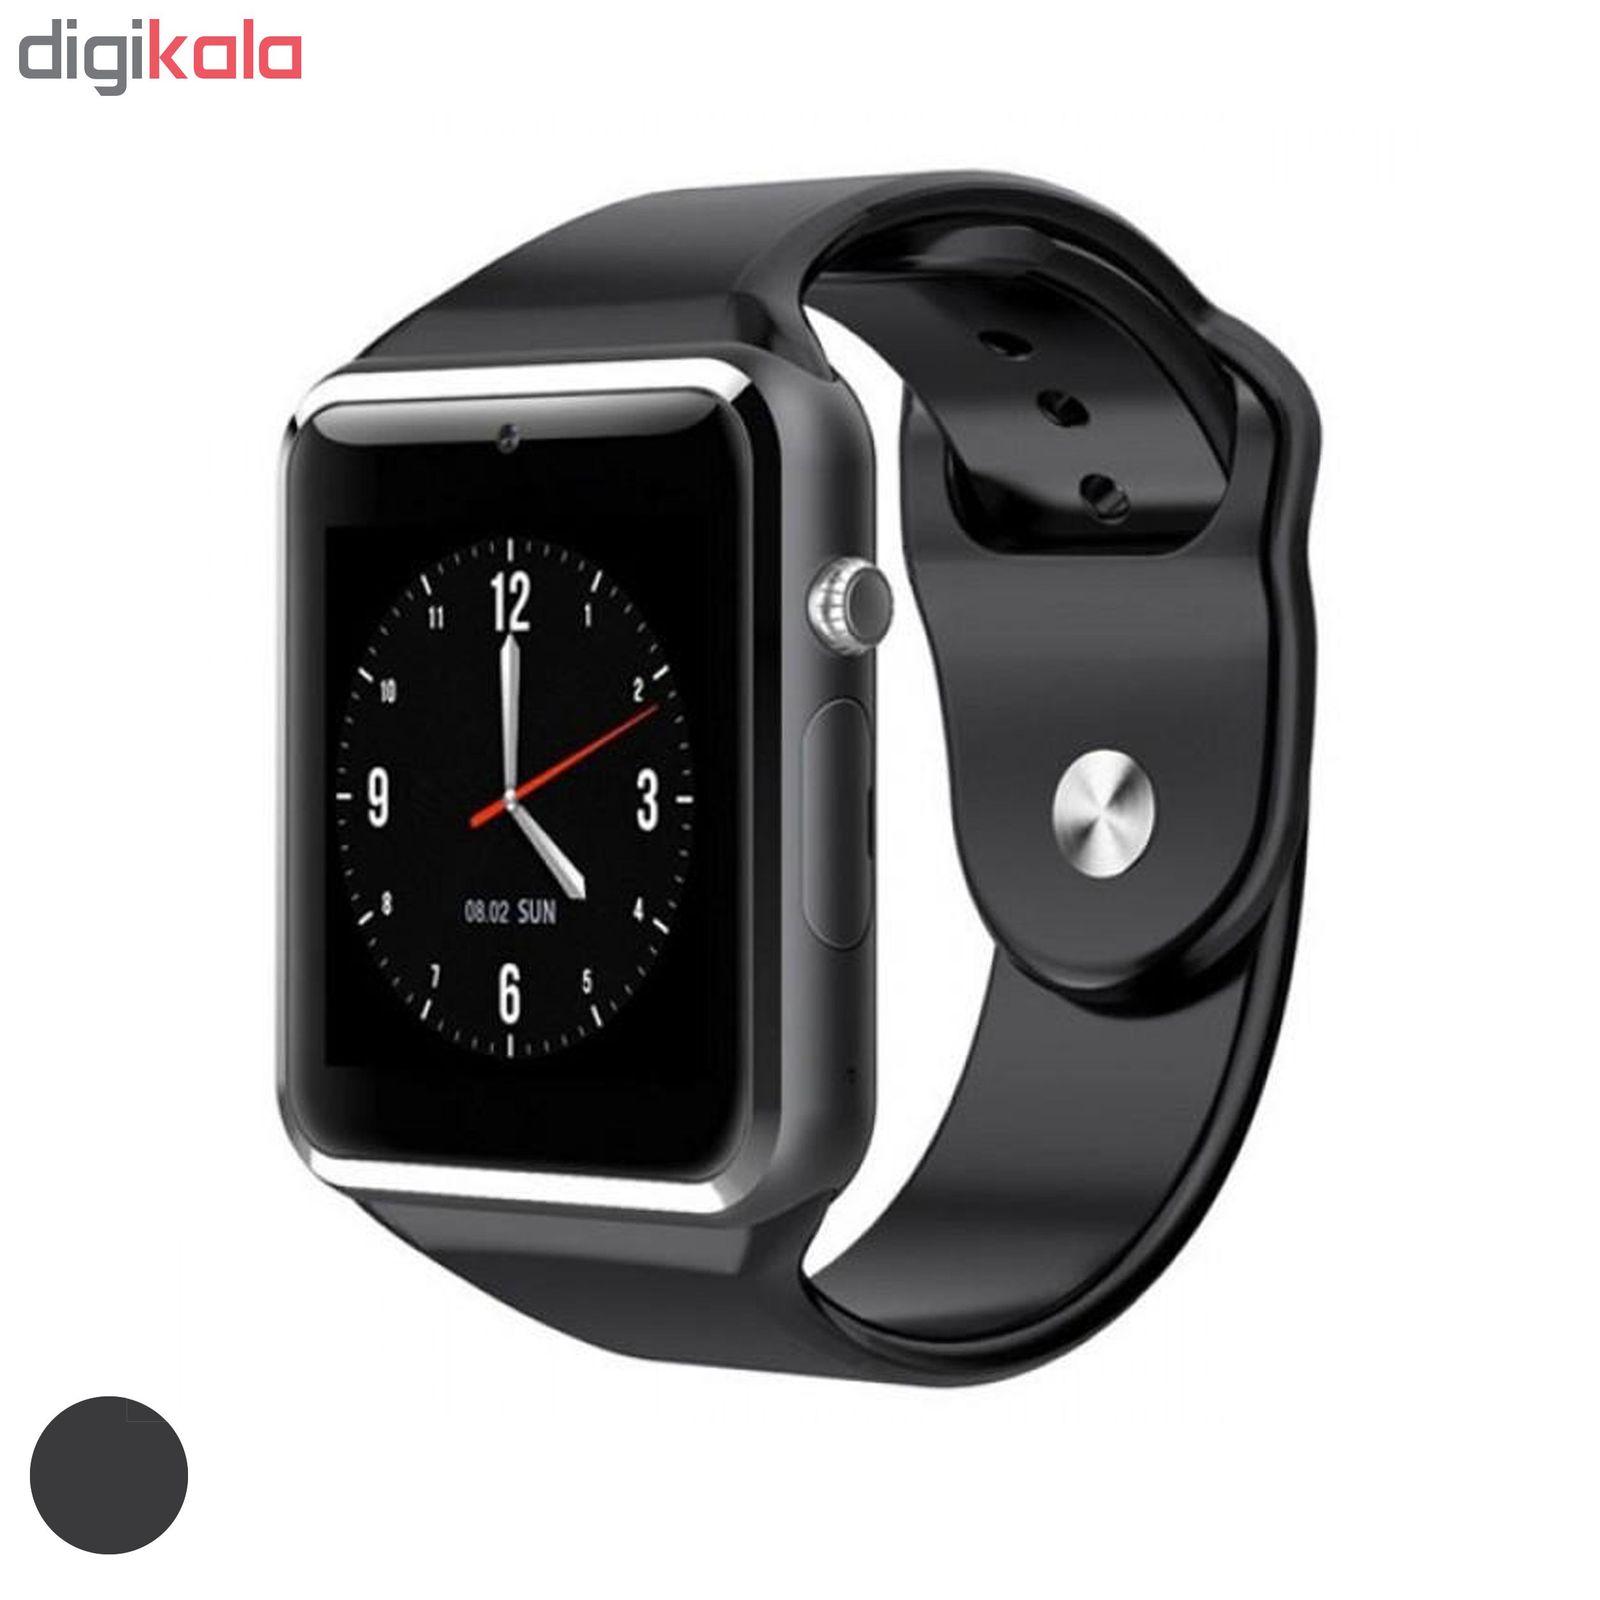 ساعت هوشمند مدل A1 به همراه هندزفری بی سیم I7S-TWS main 1 3